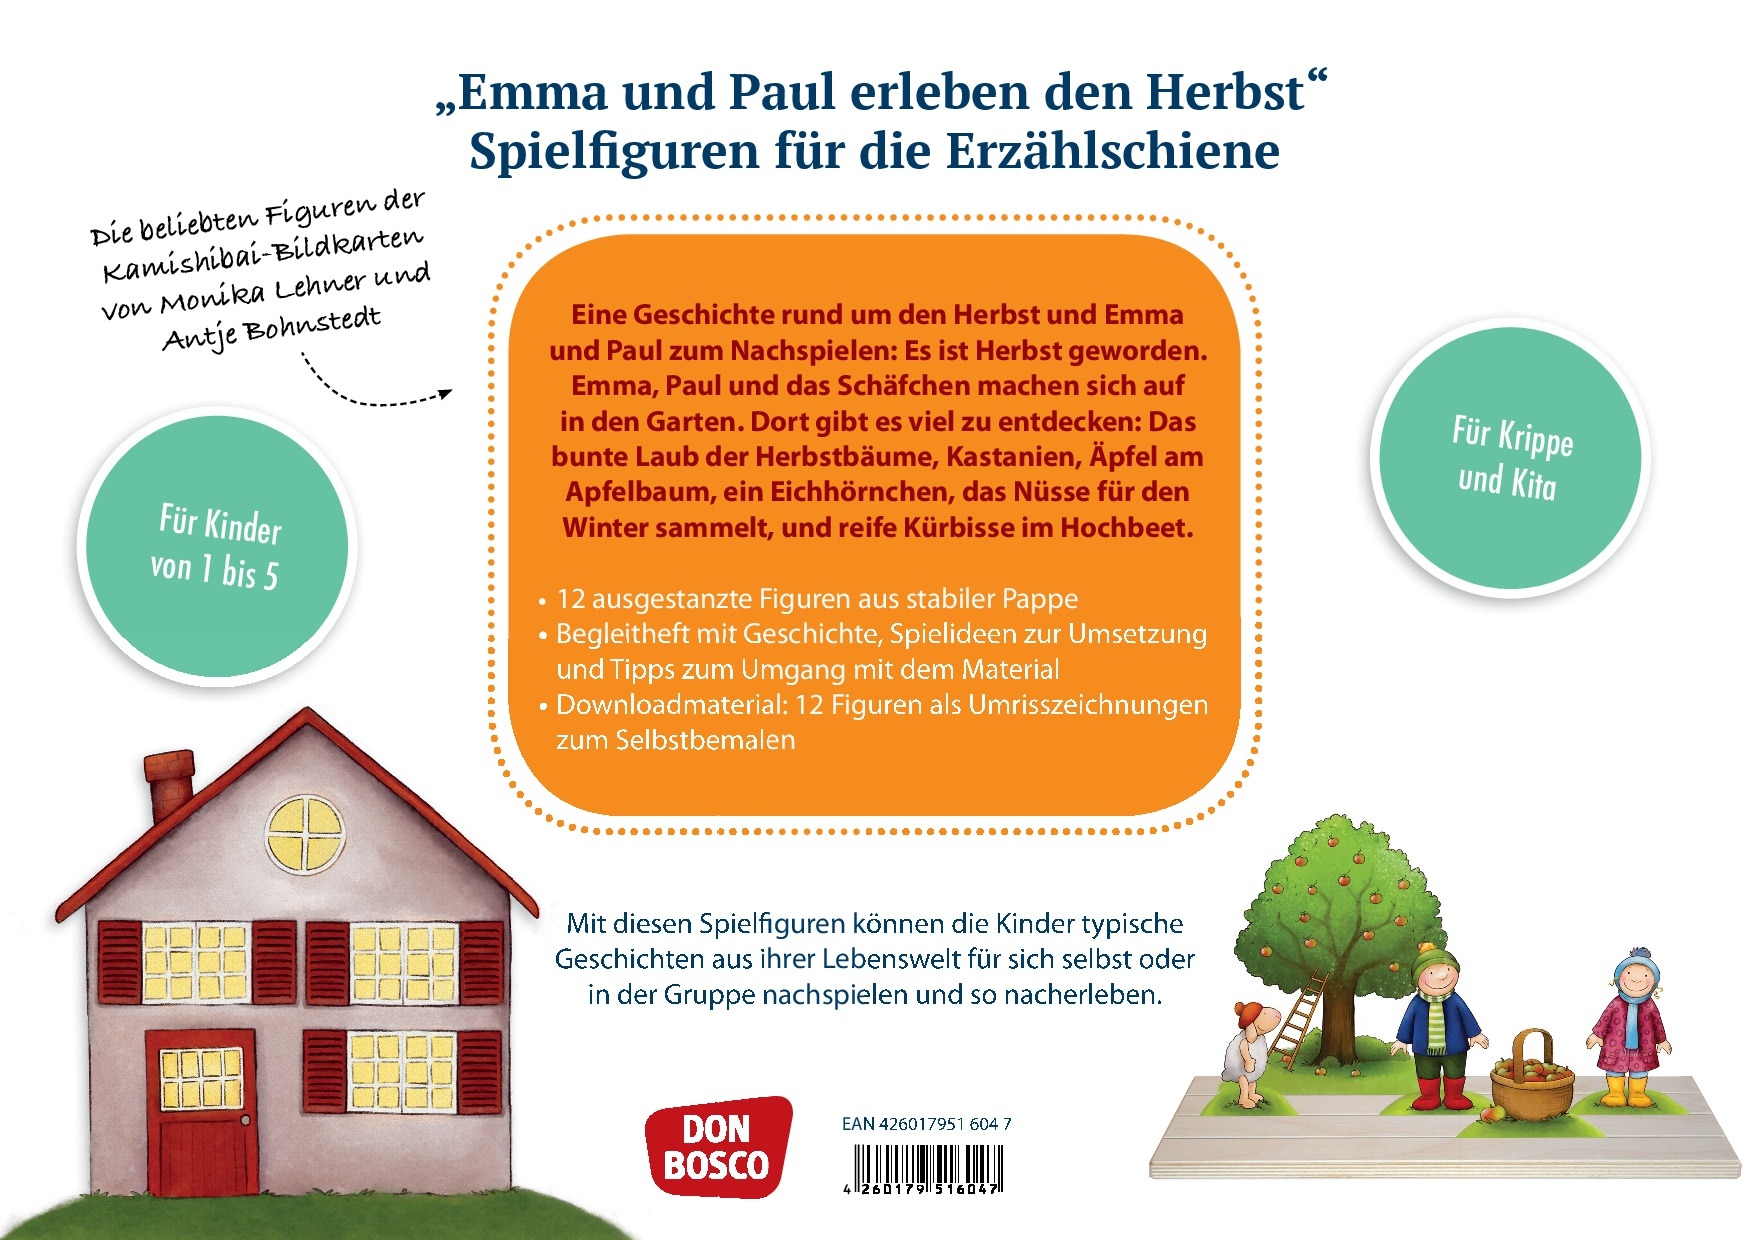 Innenansicht zu Emma und Paul erleben den Herbst.